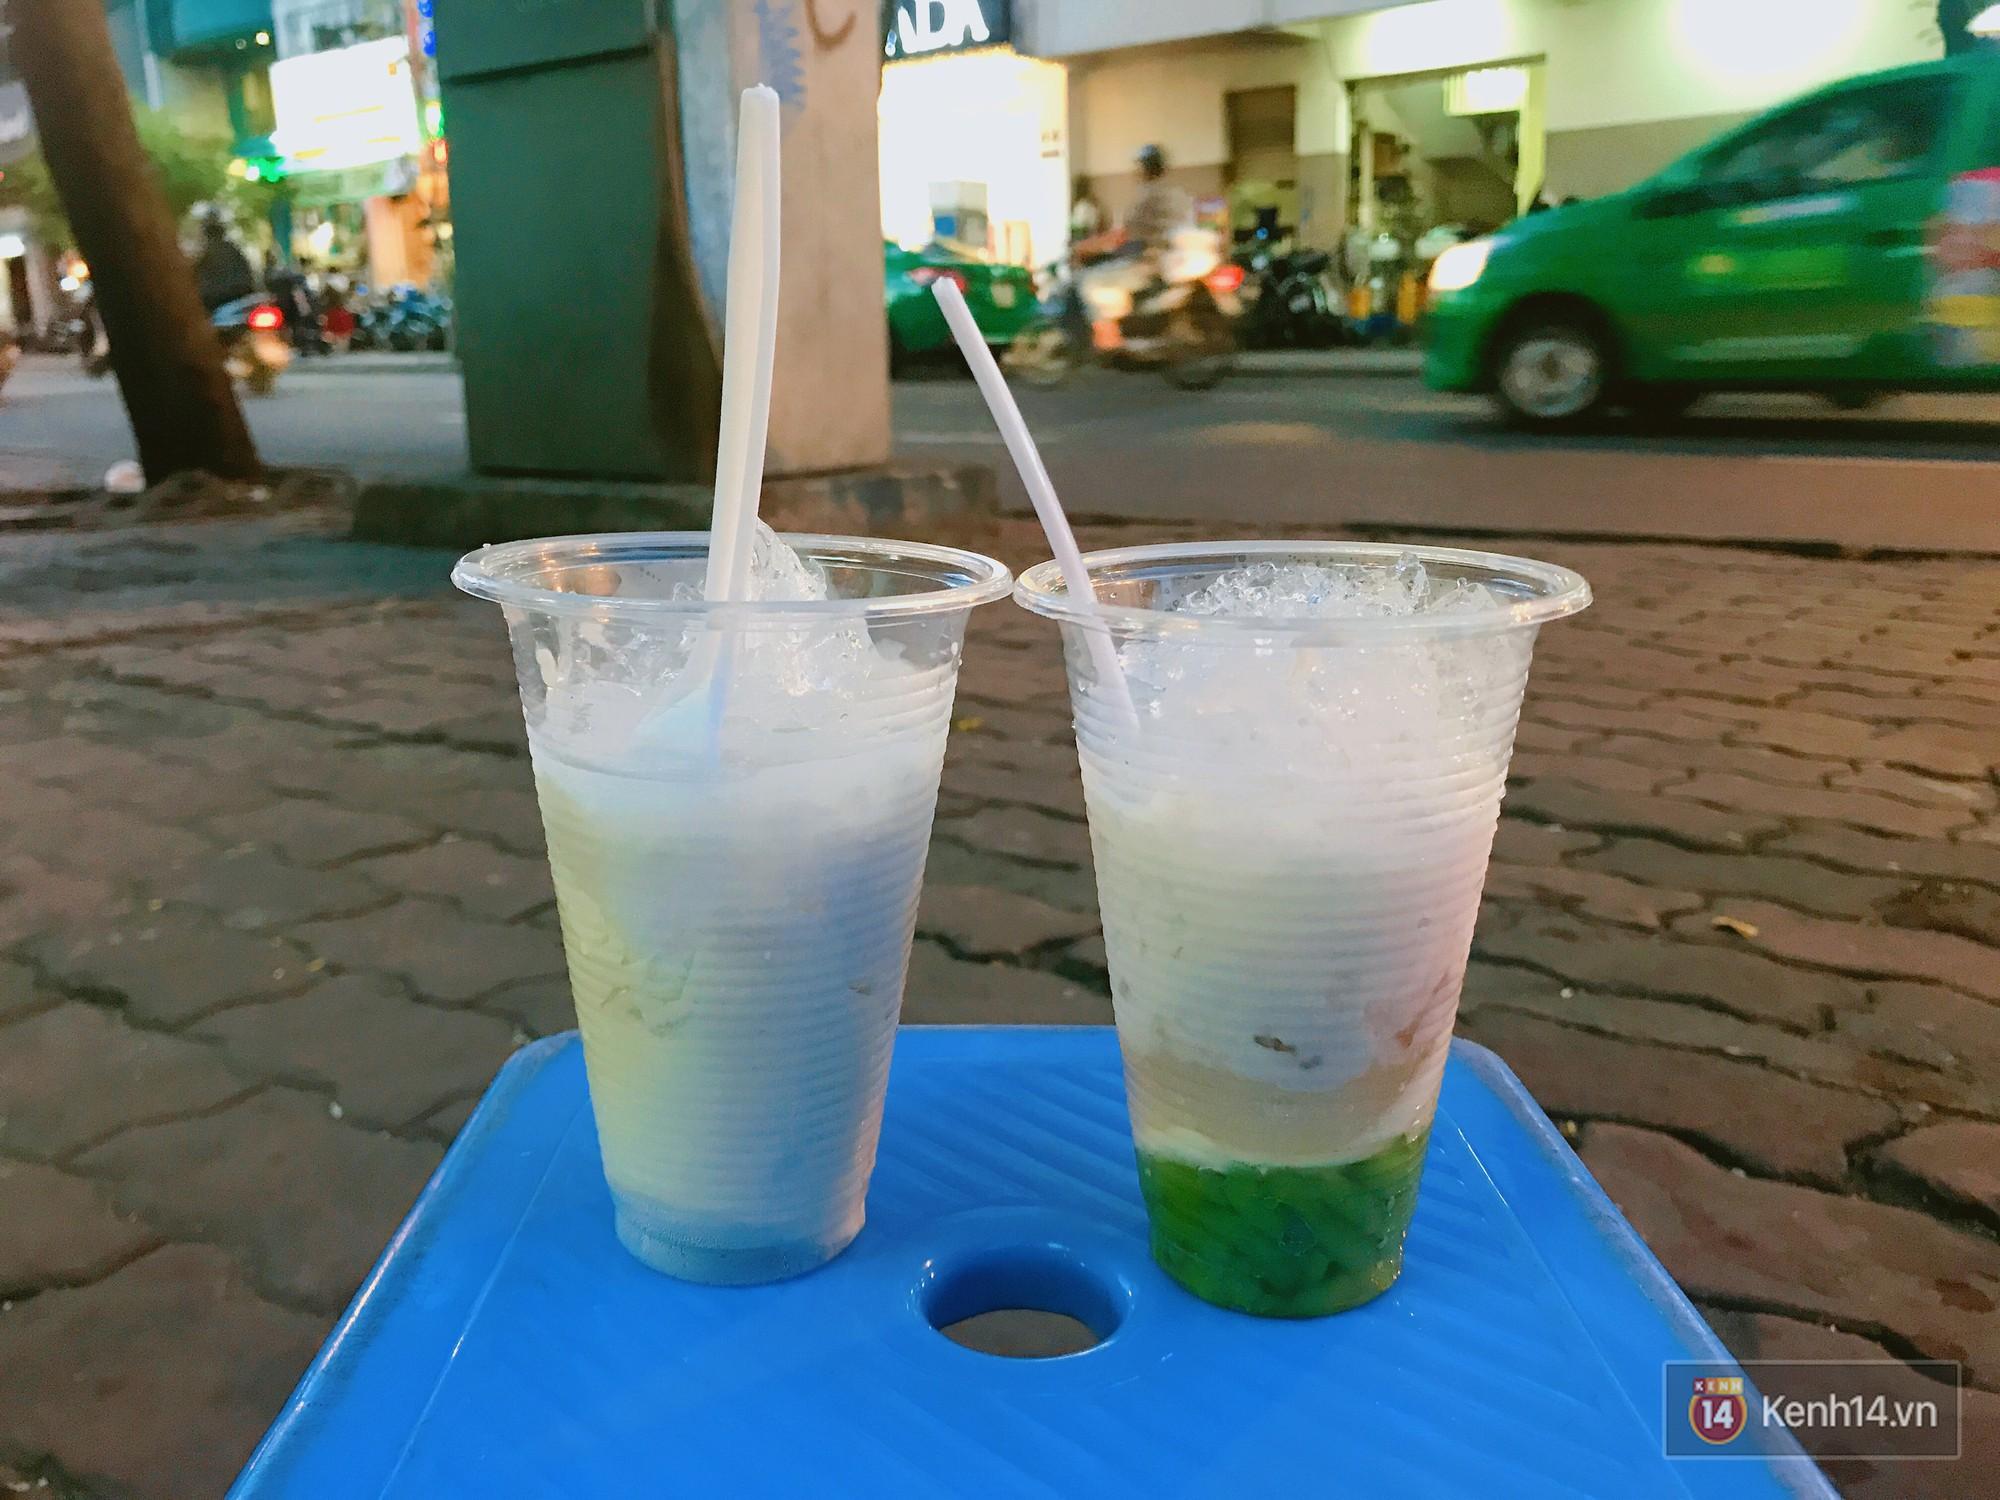 Sài Gòn: Nếu chưa biết ăn gì khi đến đường Trương Định thì đây là những gợi ý bổ ích dành cho bạn - Ảnh 4.